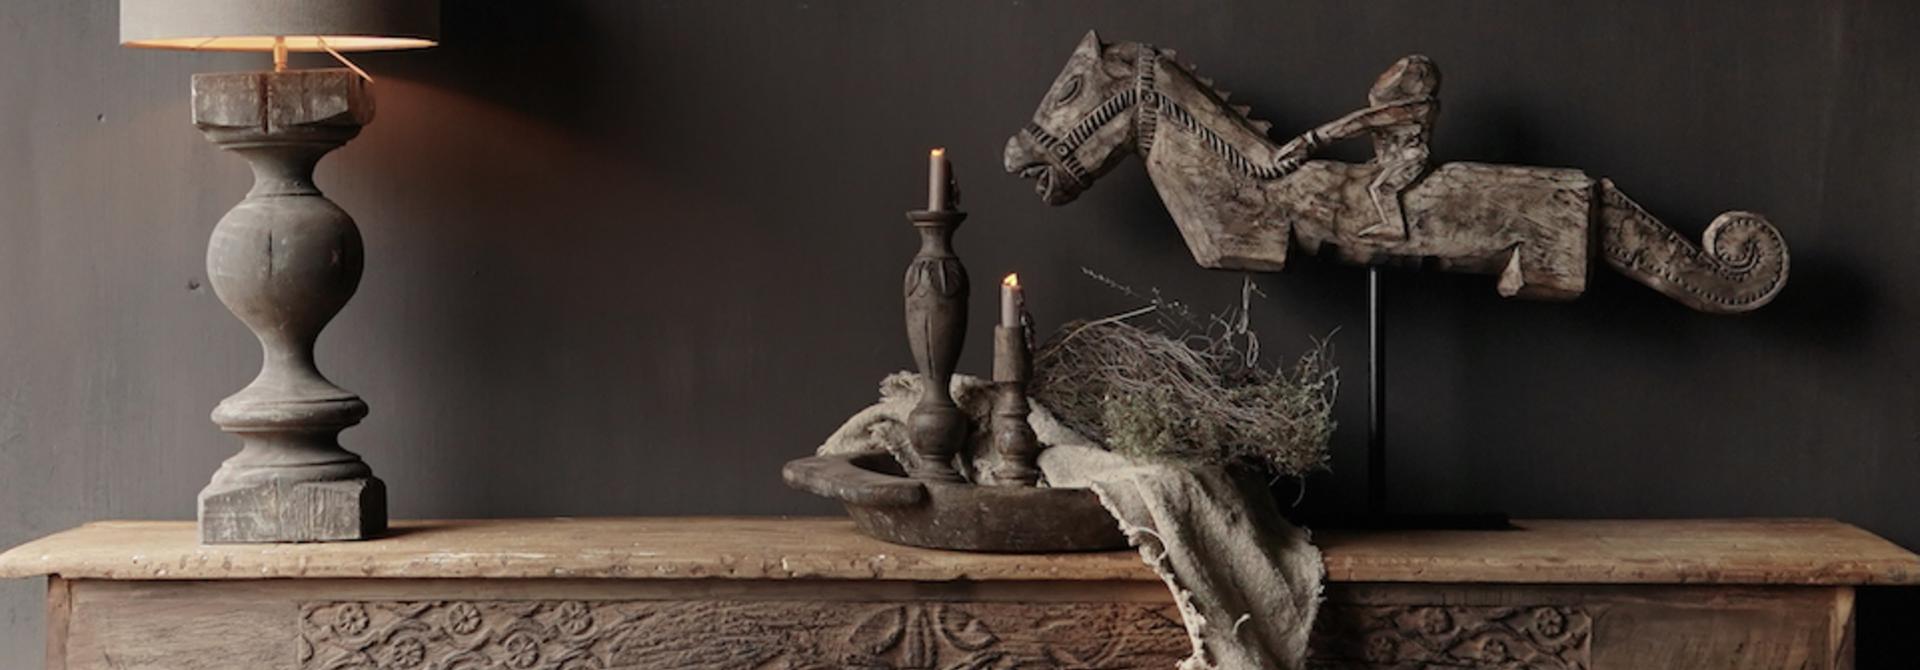 Alter antiker Wabi Sabi verwitterter hölzerner Beistelltisch / Wandtisch